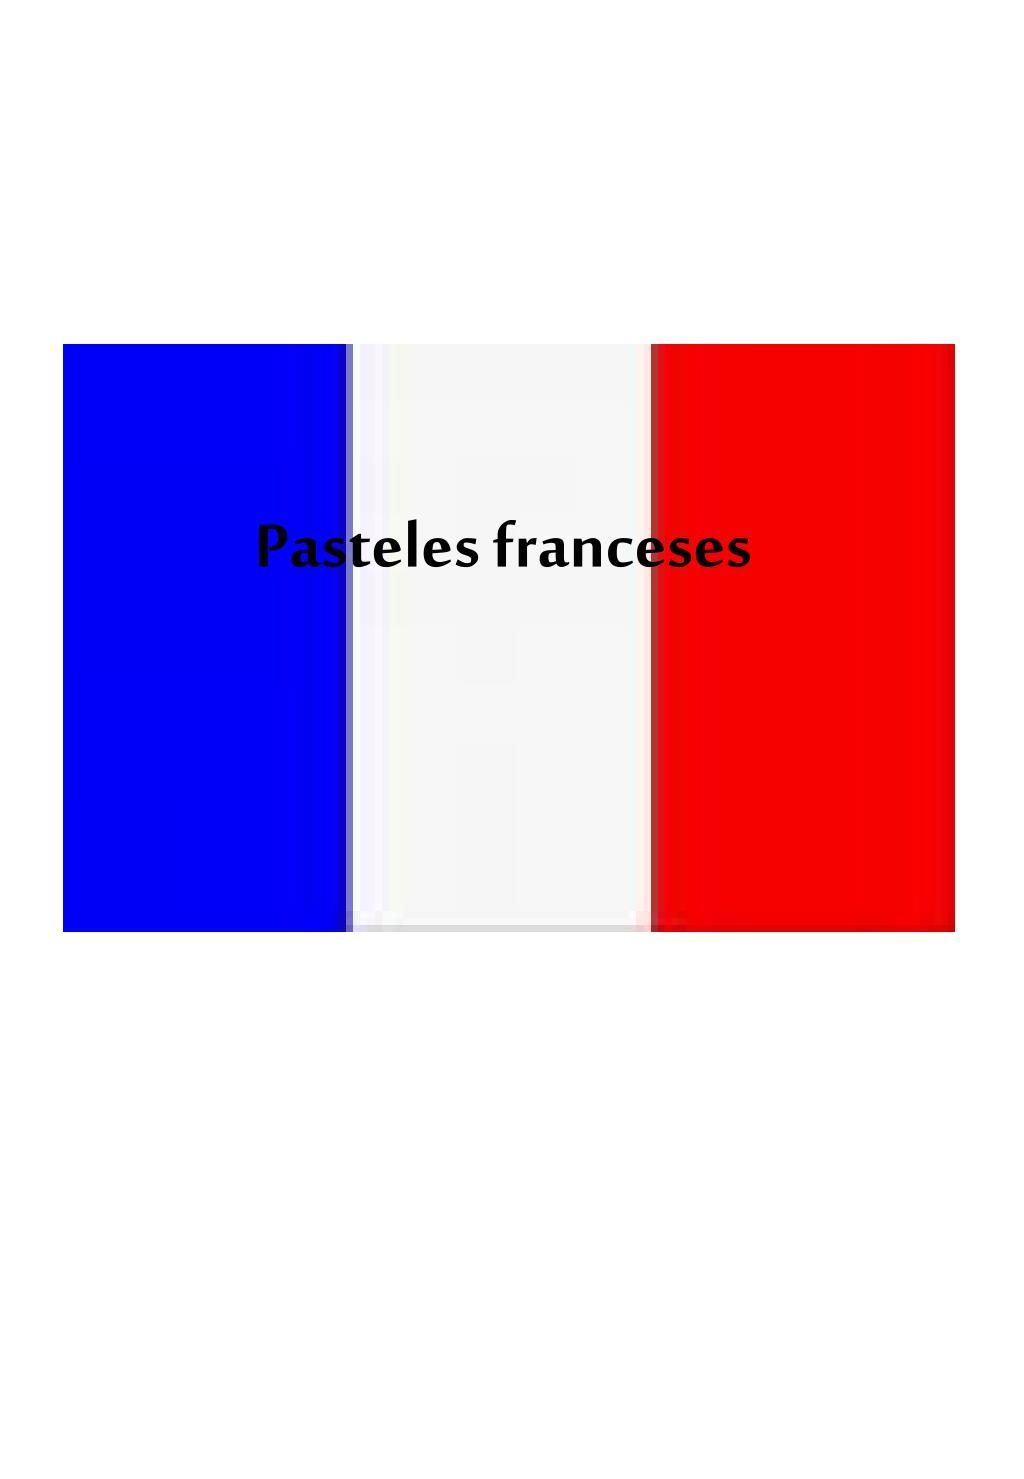 Pasteles franceses